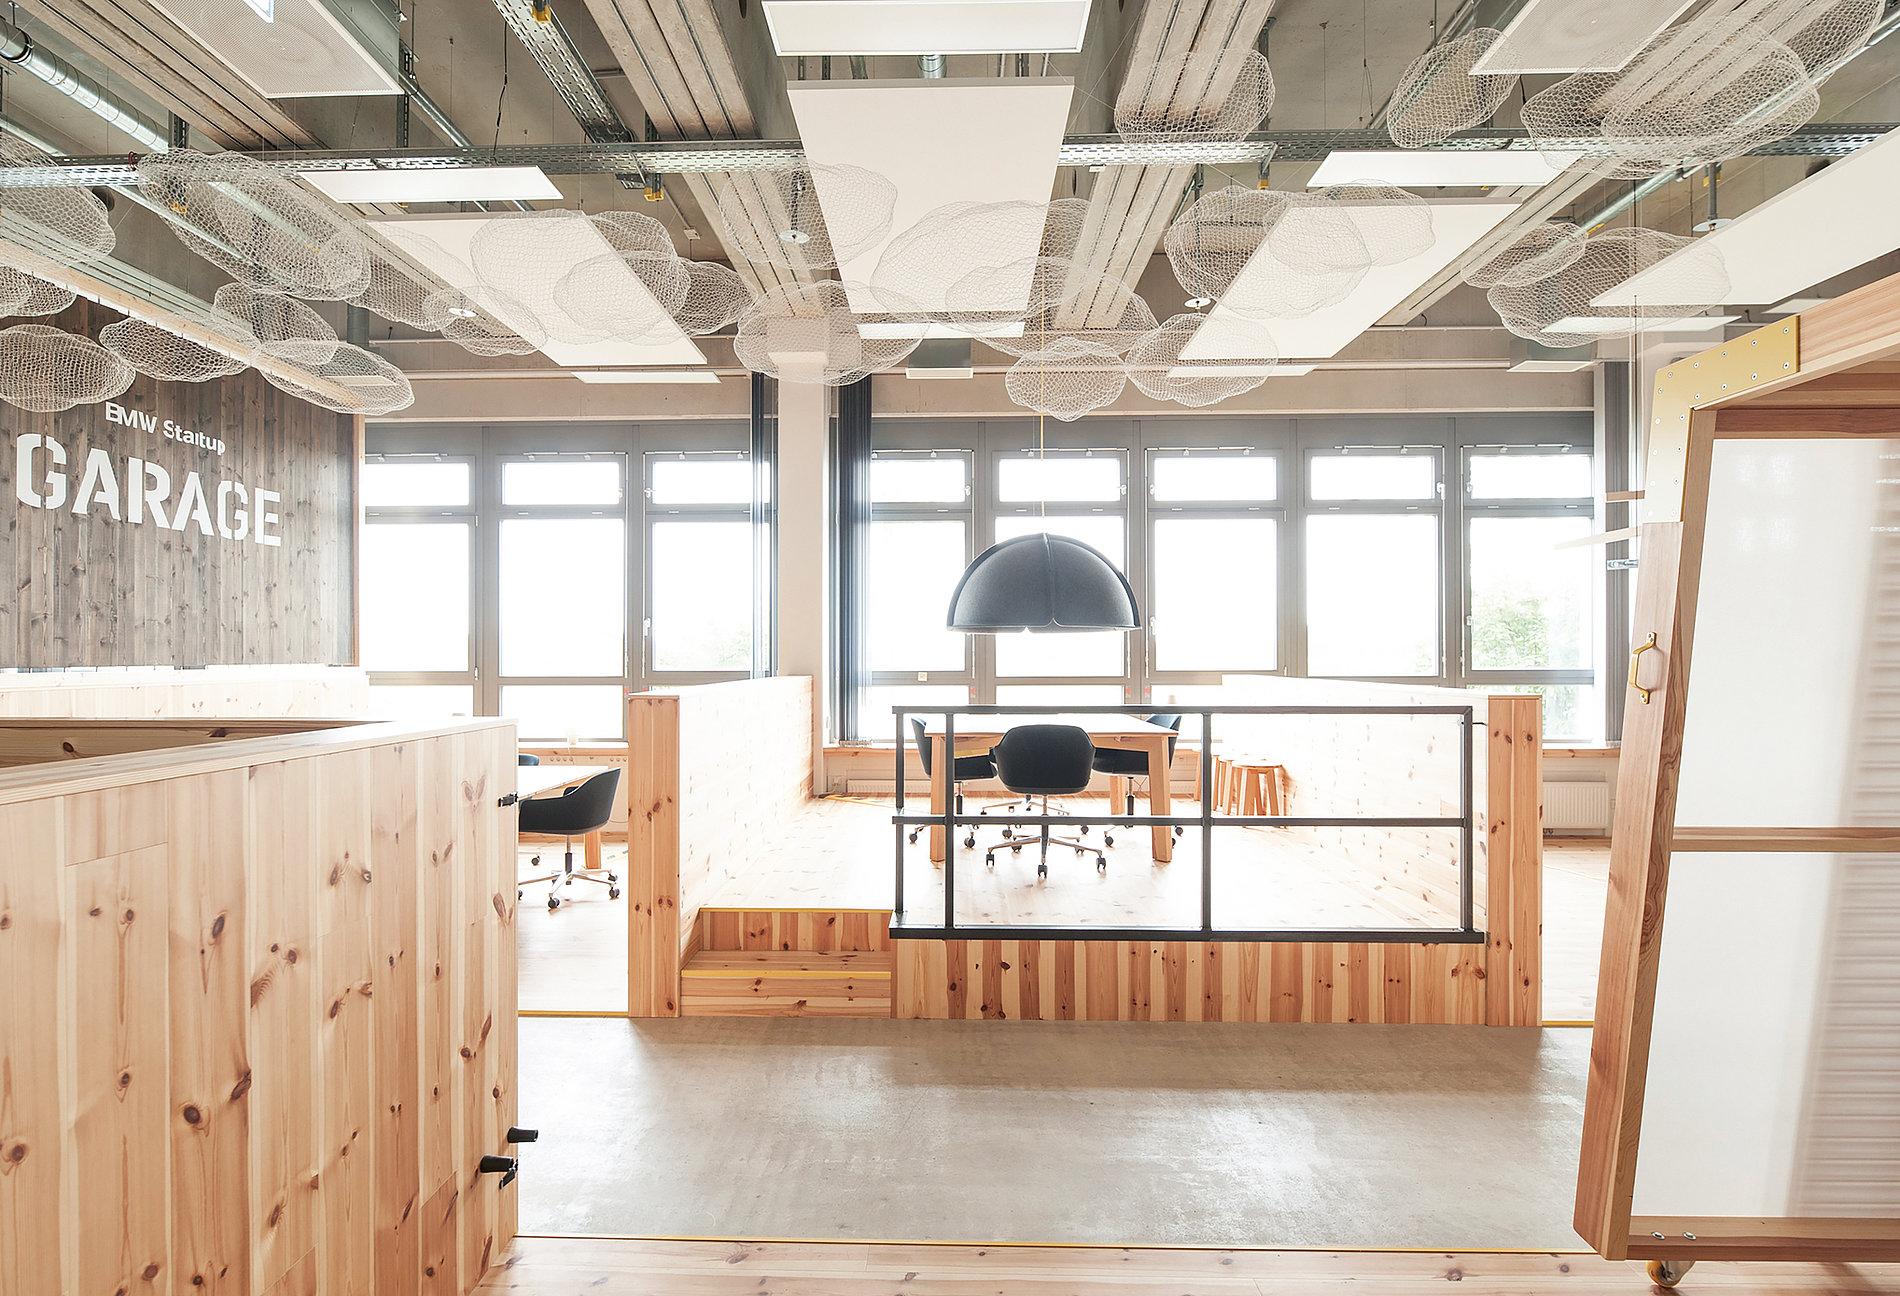 BMW Startup Garage | Red Dot Design Award